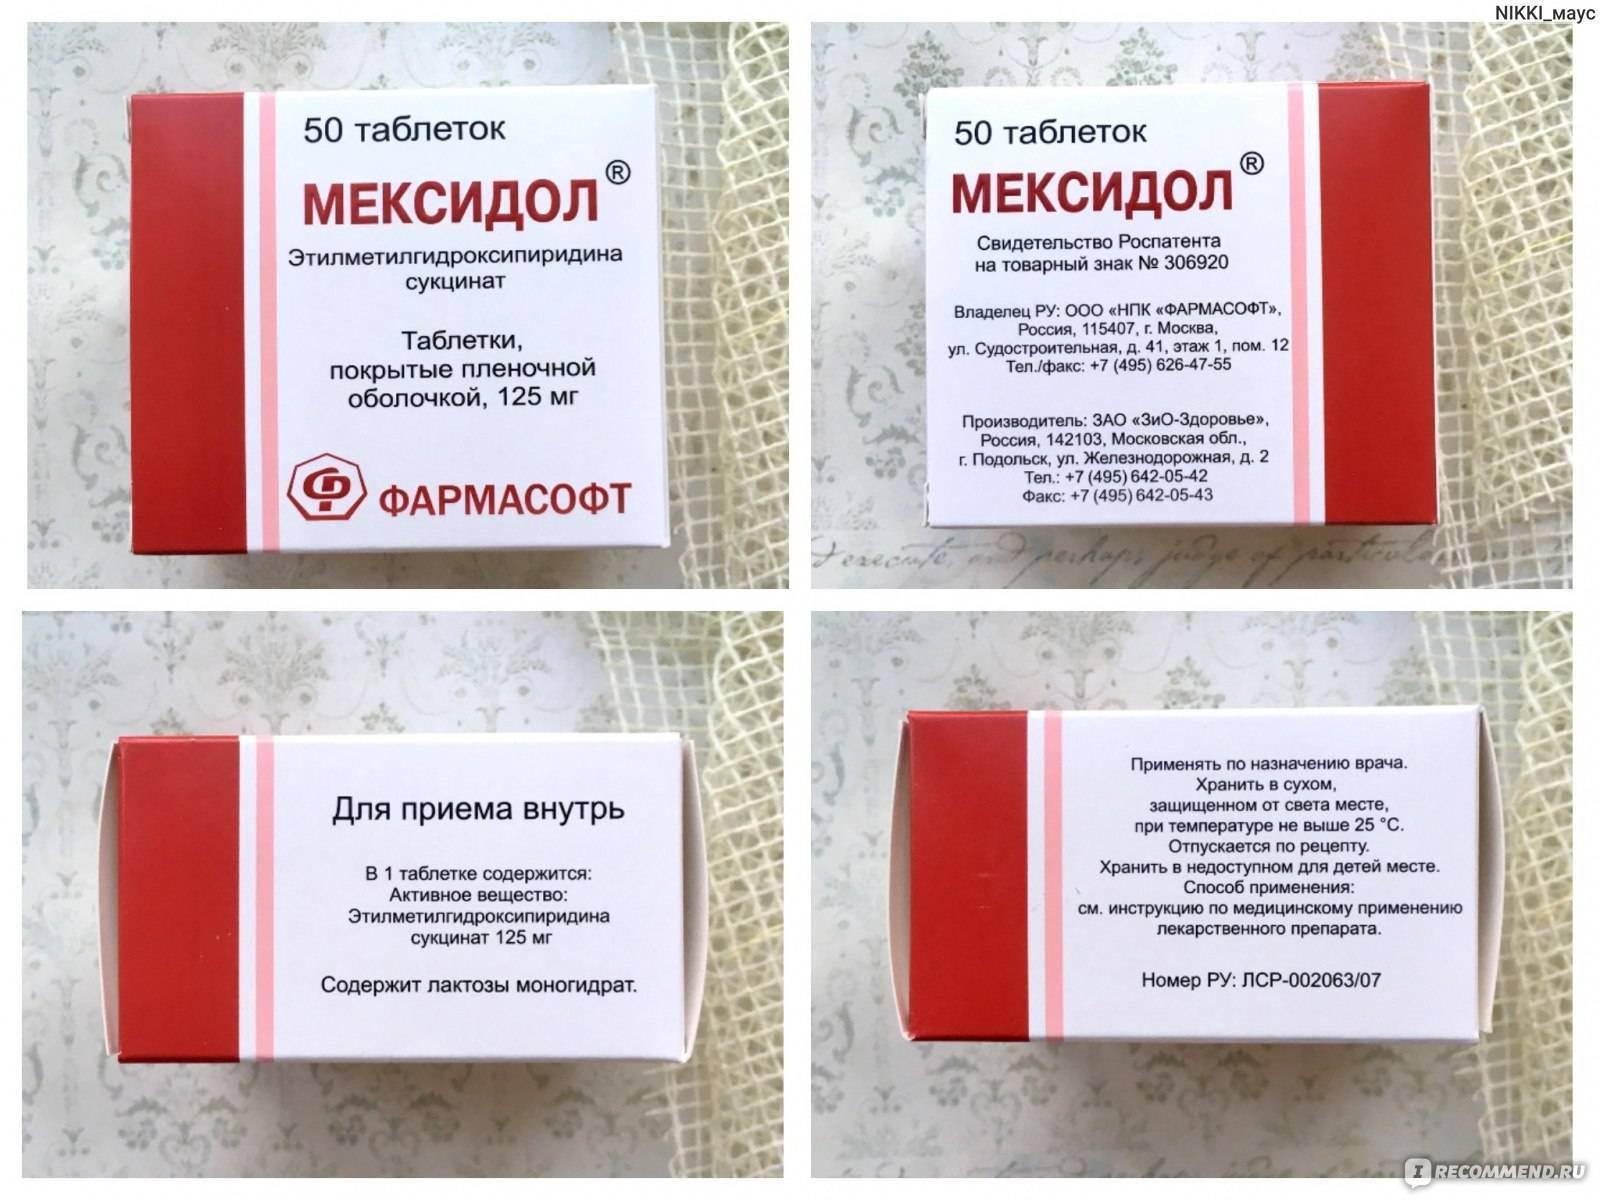 Мексидол ветеринарный инструкция по применению